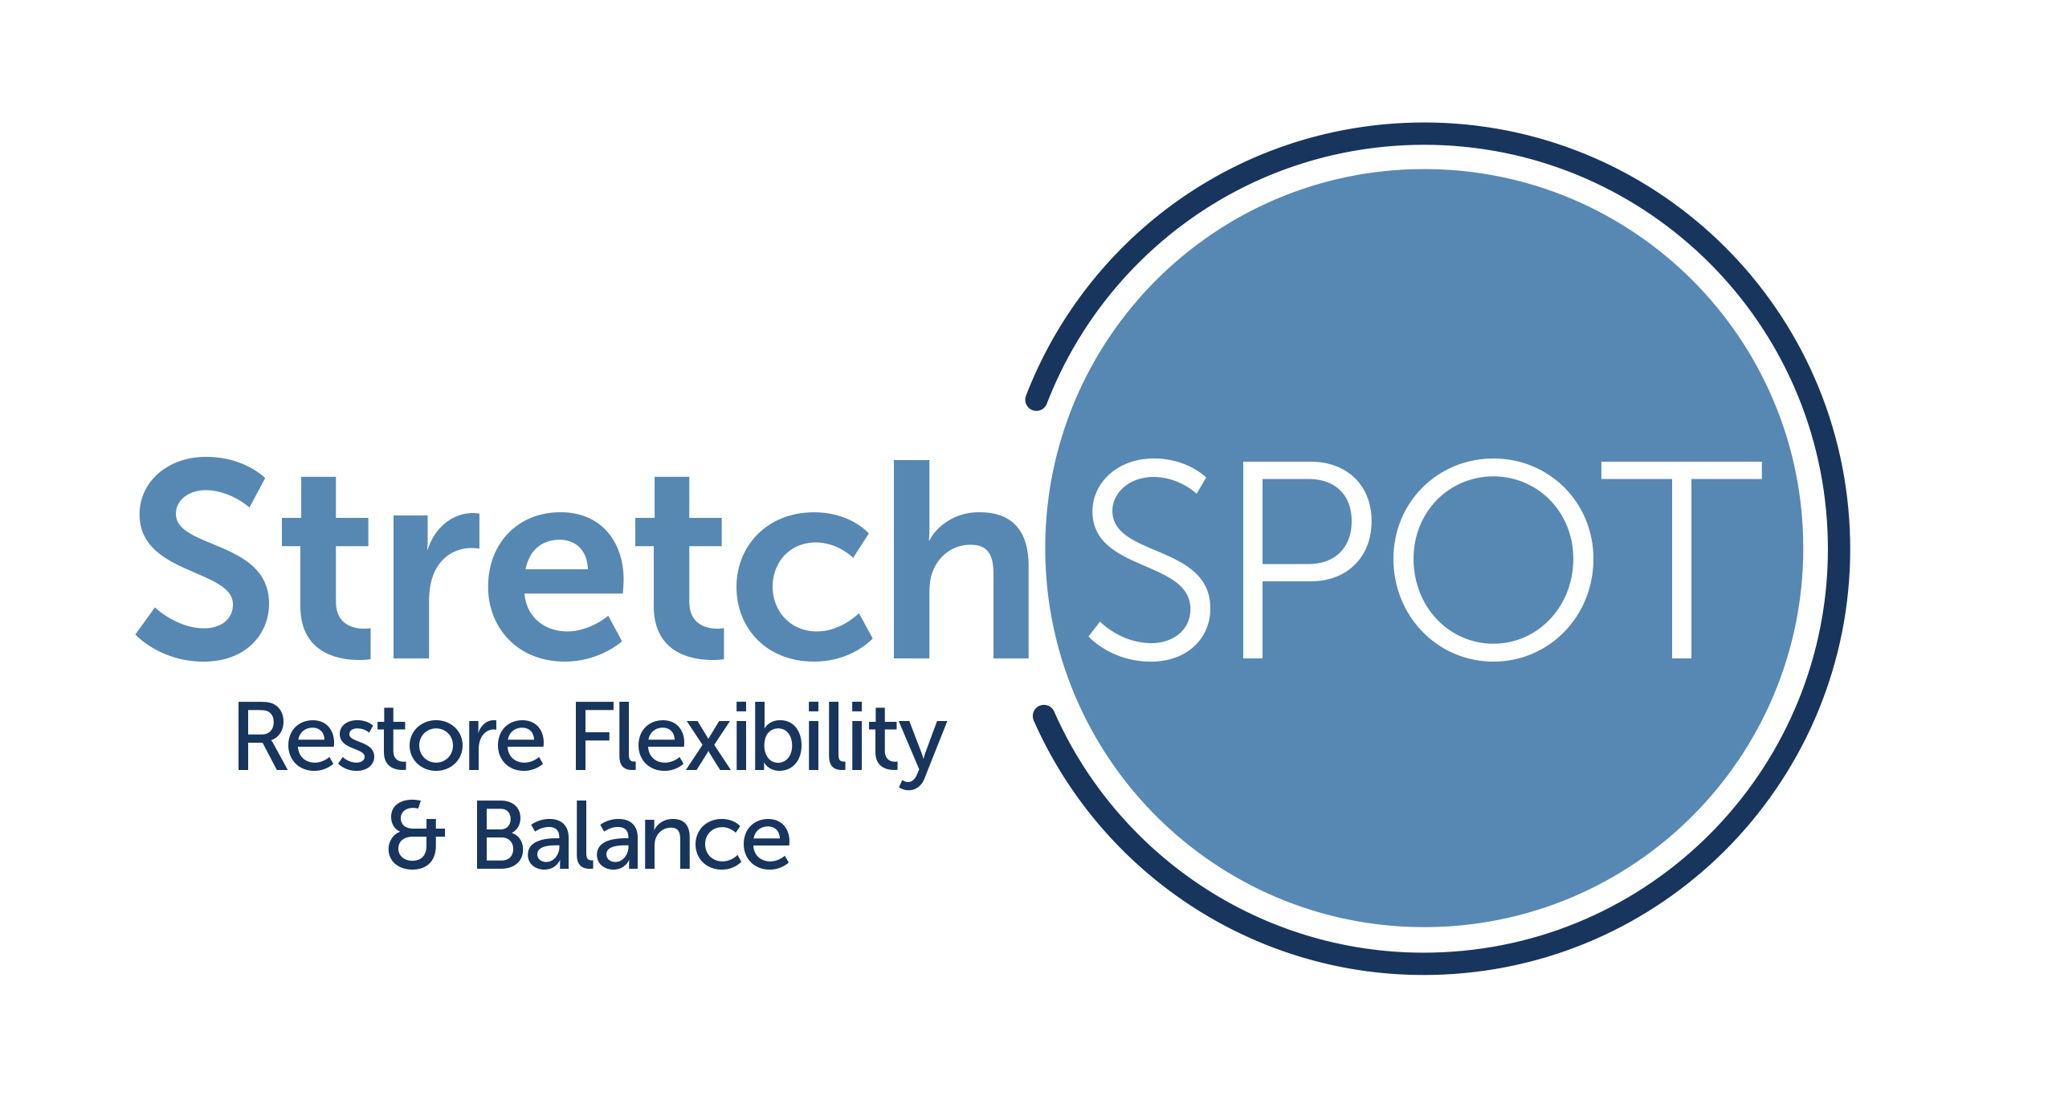 Stretch-SPOT